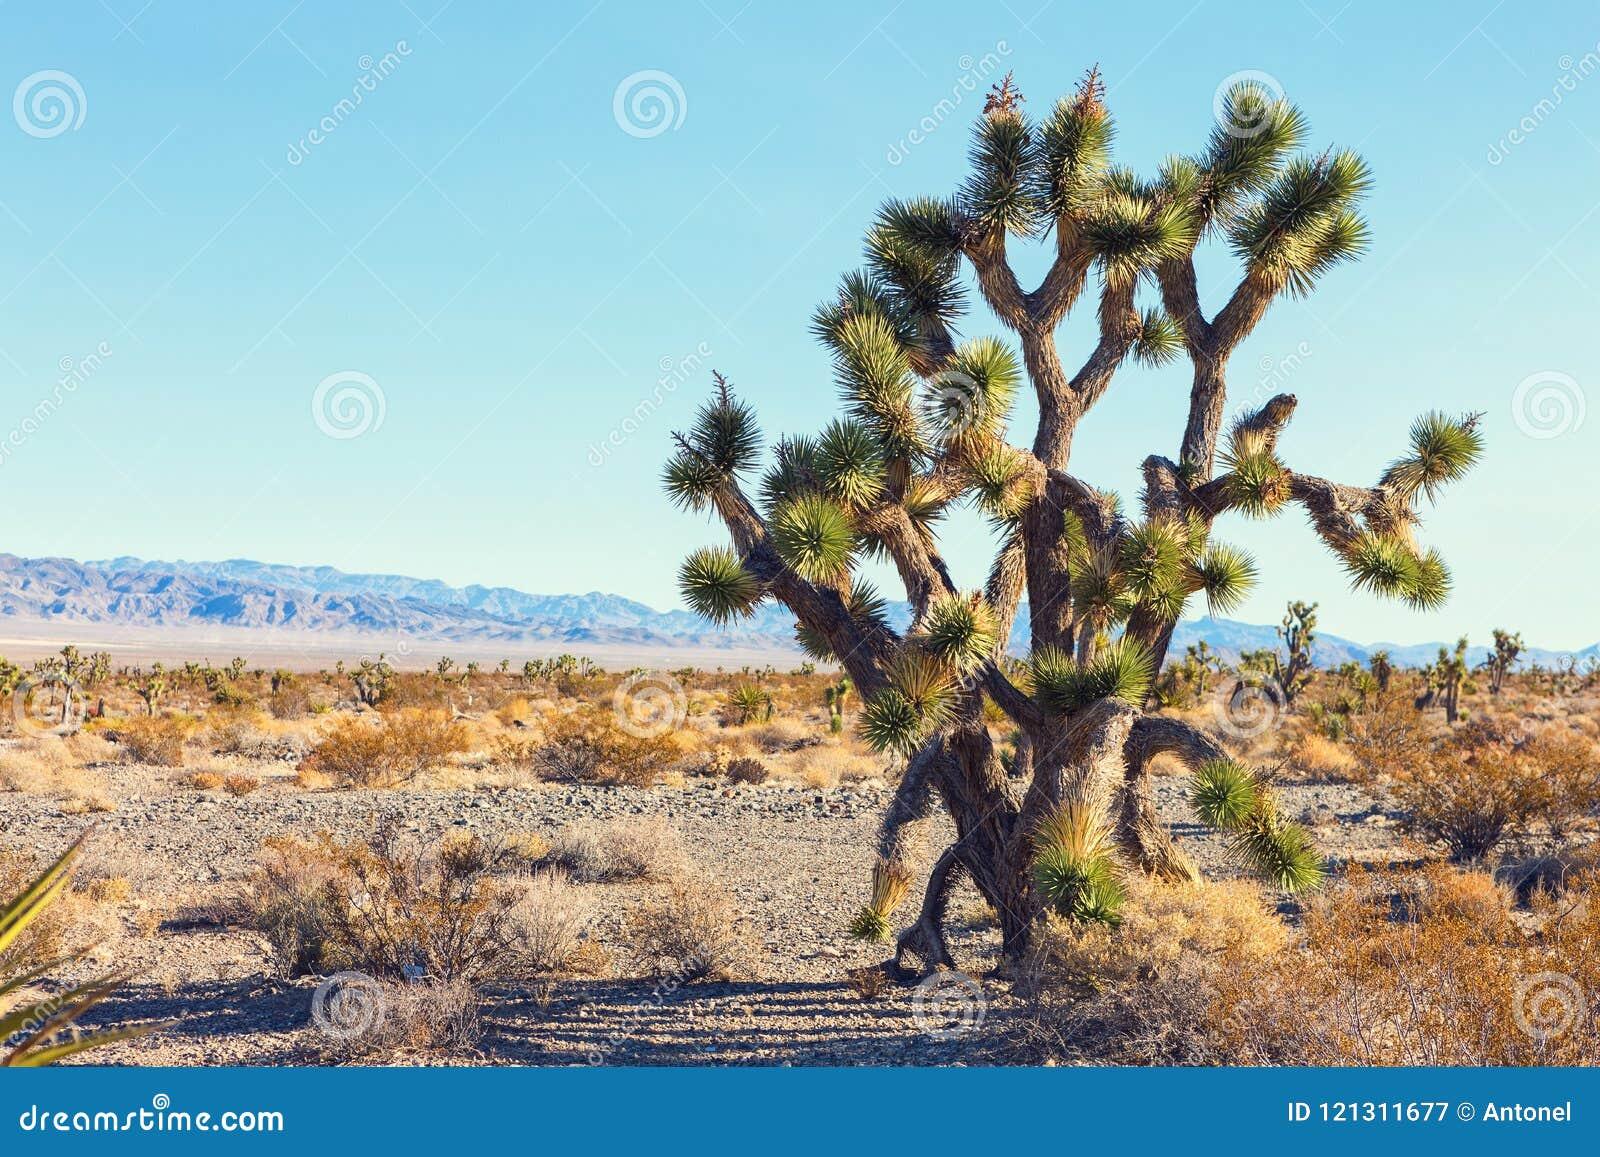 Joshua Tree grande en el Mojave Deserte, California, Estados Unidos